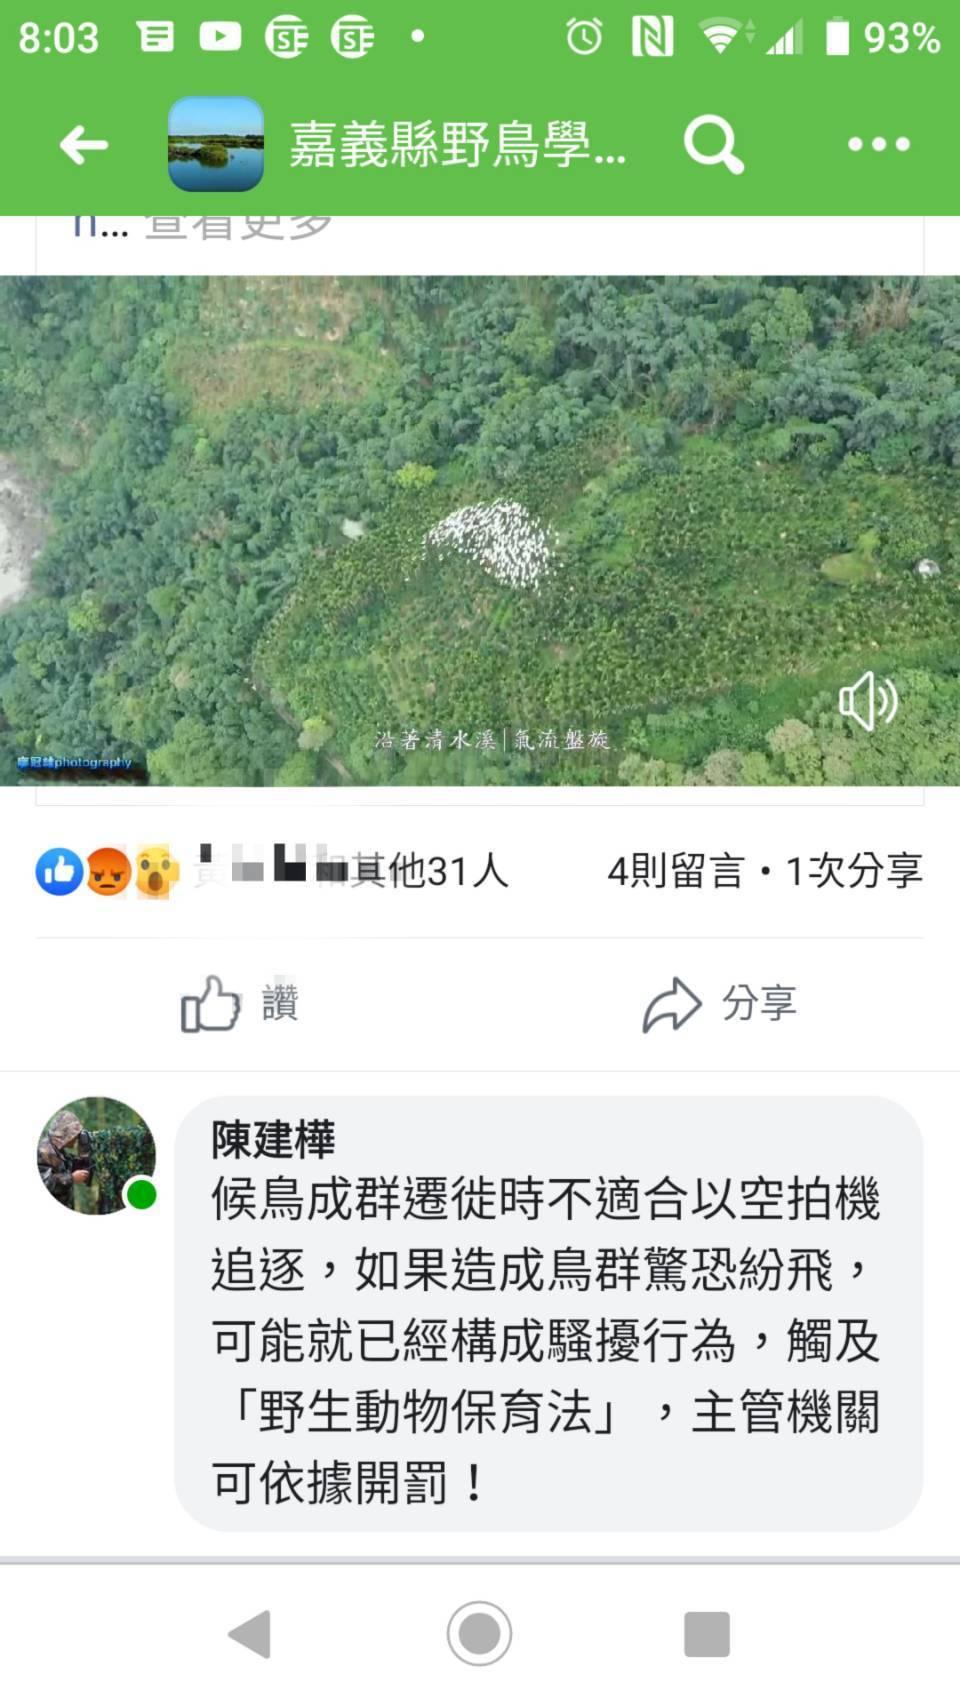 廖姓攝友以空拍機拍攝黃頭鷺,嘉義縣野鳥學會認為,可能已經構成騷擾行為,觸及「野生...